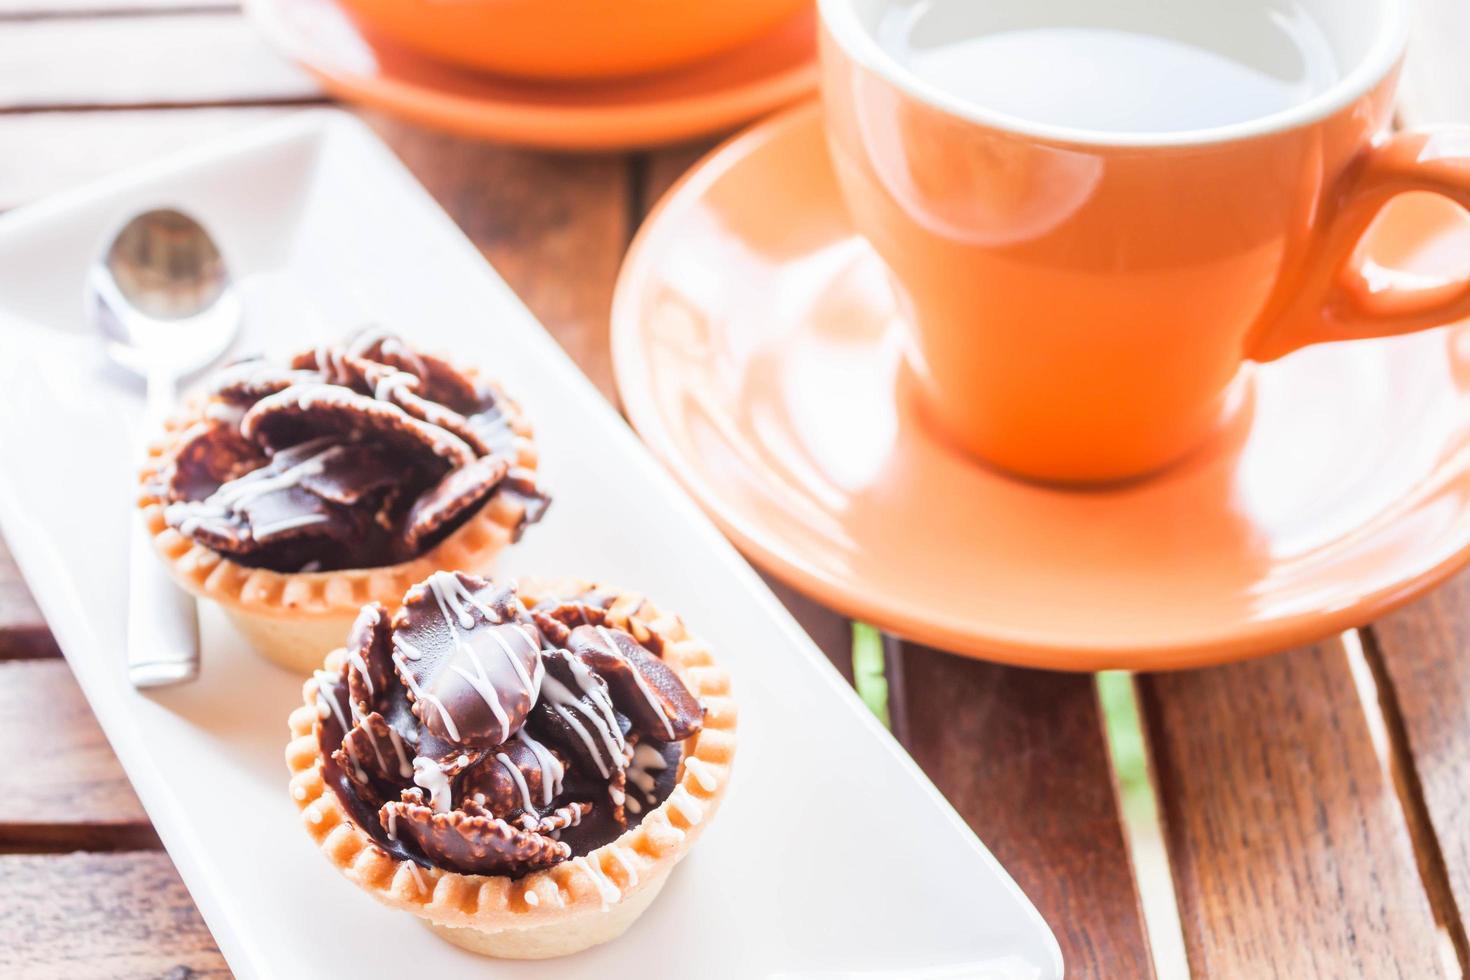 cupcakes au chocolat et une tasse orange photo